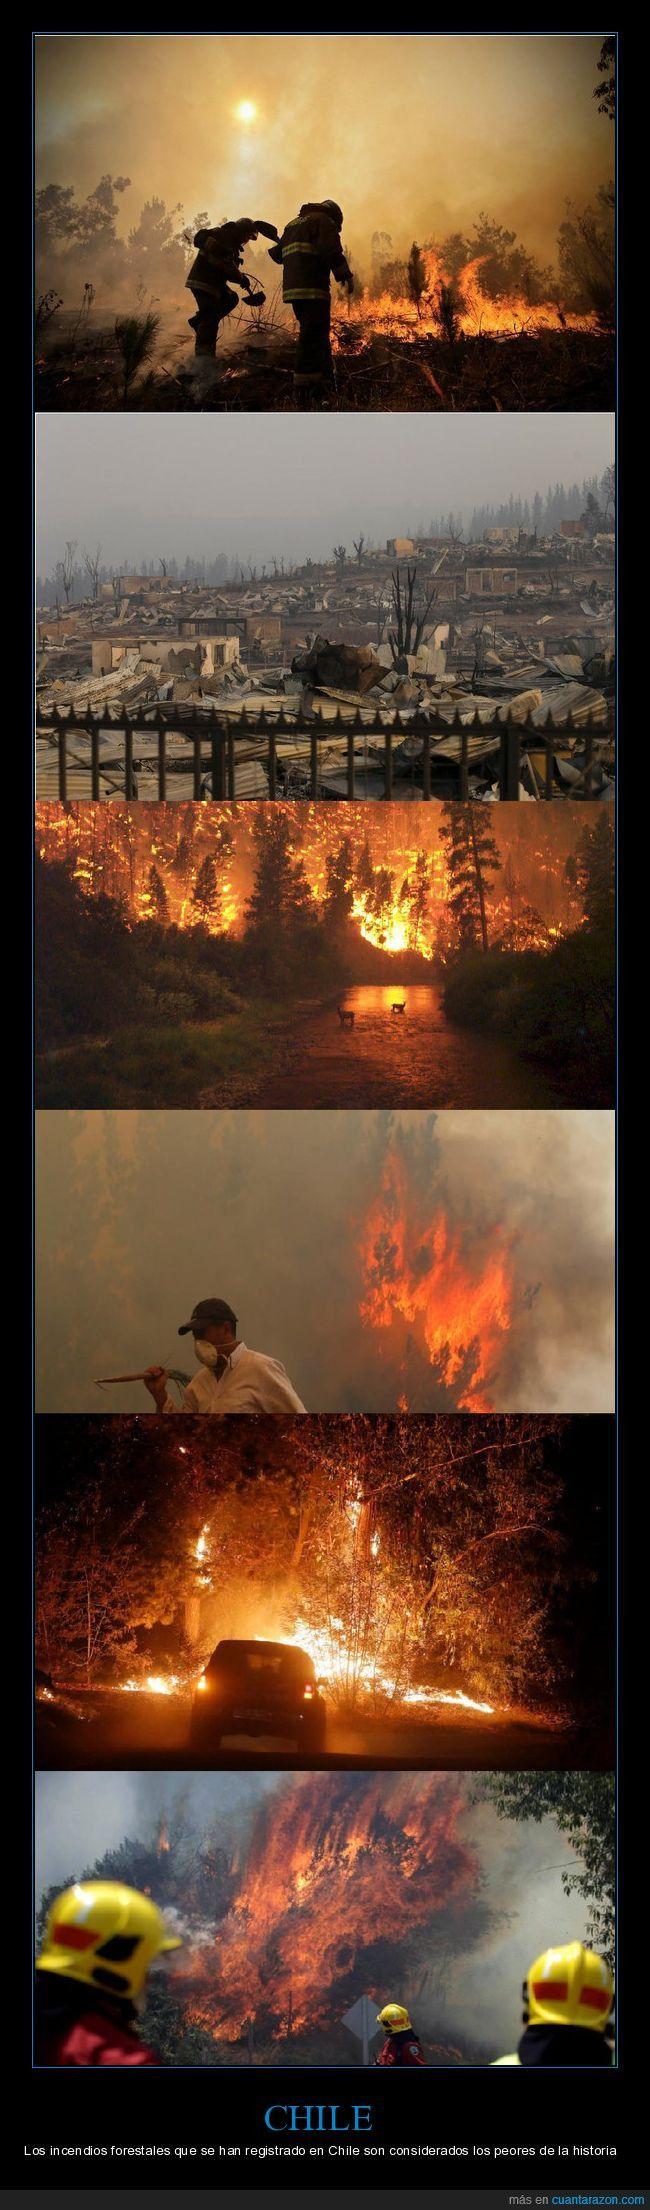 Malas noticias desde Chile :( - Los incendios forestales que se han registrado en Chile son considerados los peores de la historia   Gracias a http://www.cuantarazon.com/   Si quieres leer la noticia completa visita: http://www.skylight-imagen.com/malas-noticias-desde-chile-los-incendios-forestales-que-se-han-registrado-en-chile-son-considerados-los-peores-de-la-historia/